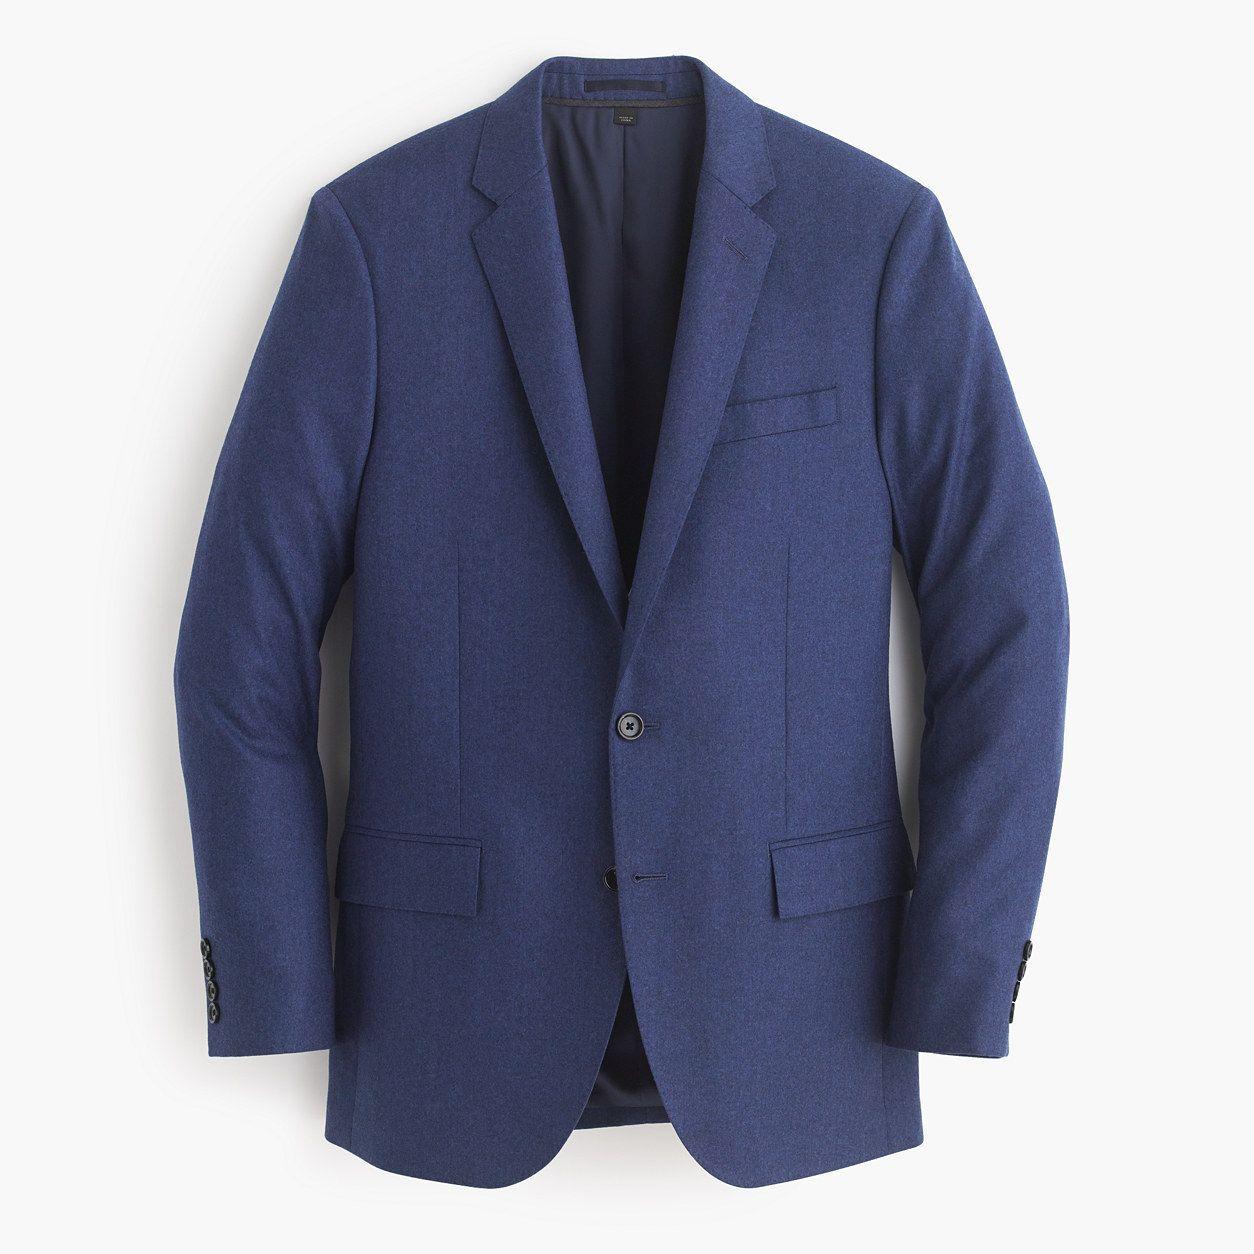 Wool cashmere flannel jacket  JCrew Mens Ludlow Suit Jacket In Heathered Italian Wool Flannel